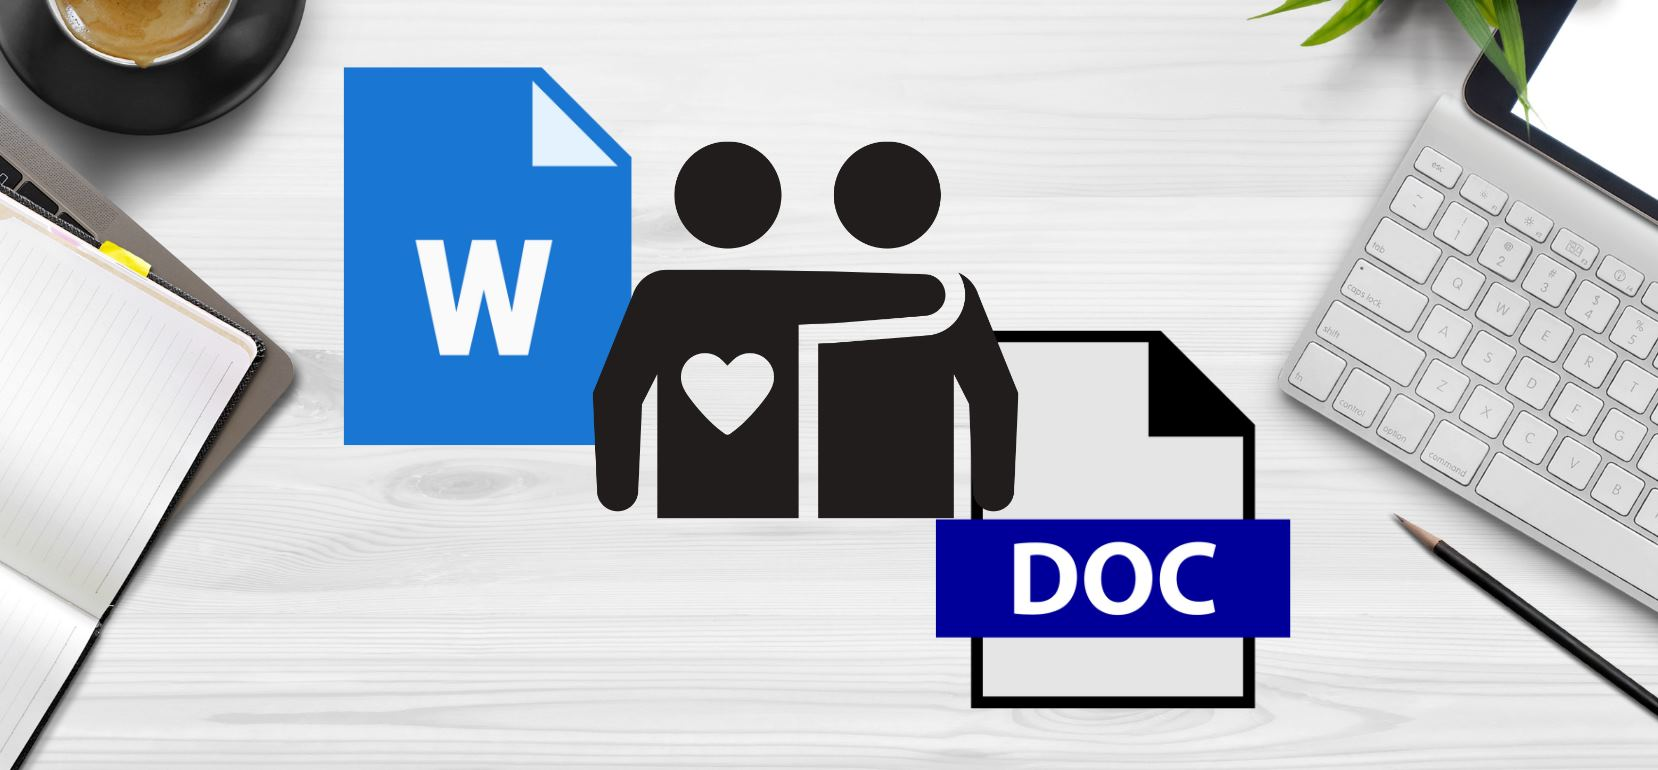 Ahora es más fácil trabajar con documentos de Word y Excel desde el móvil